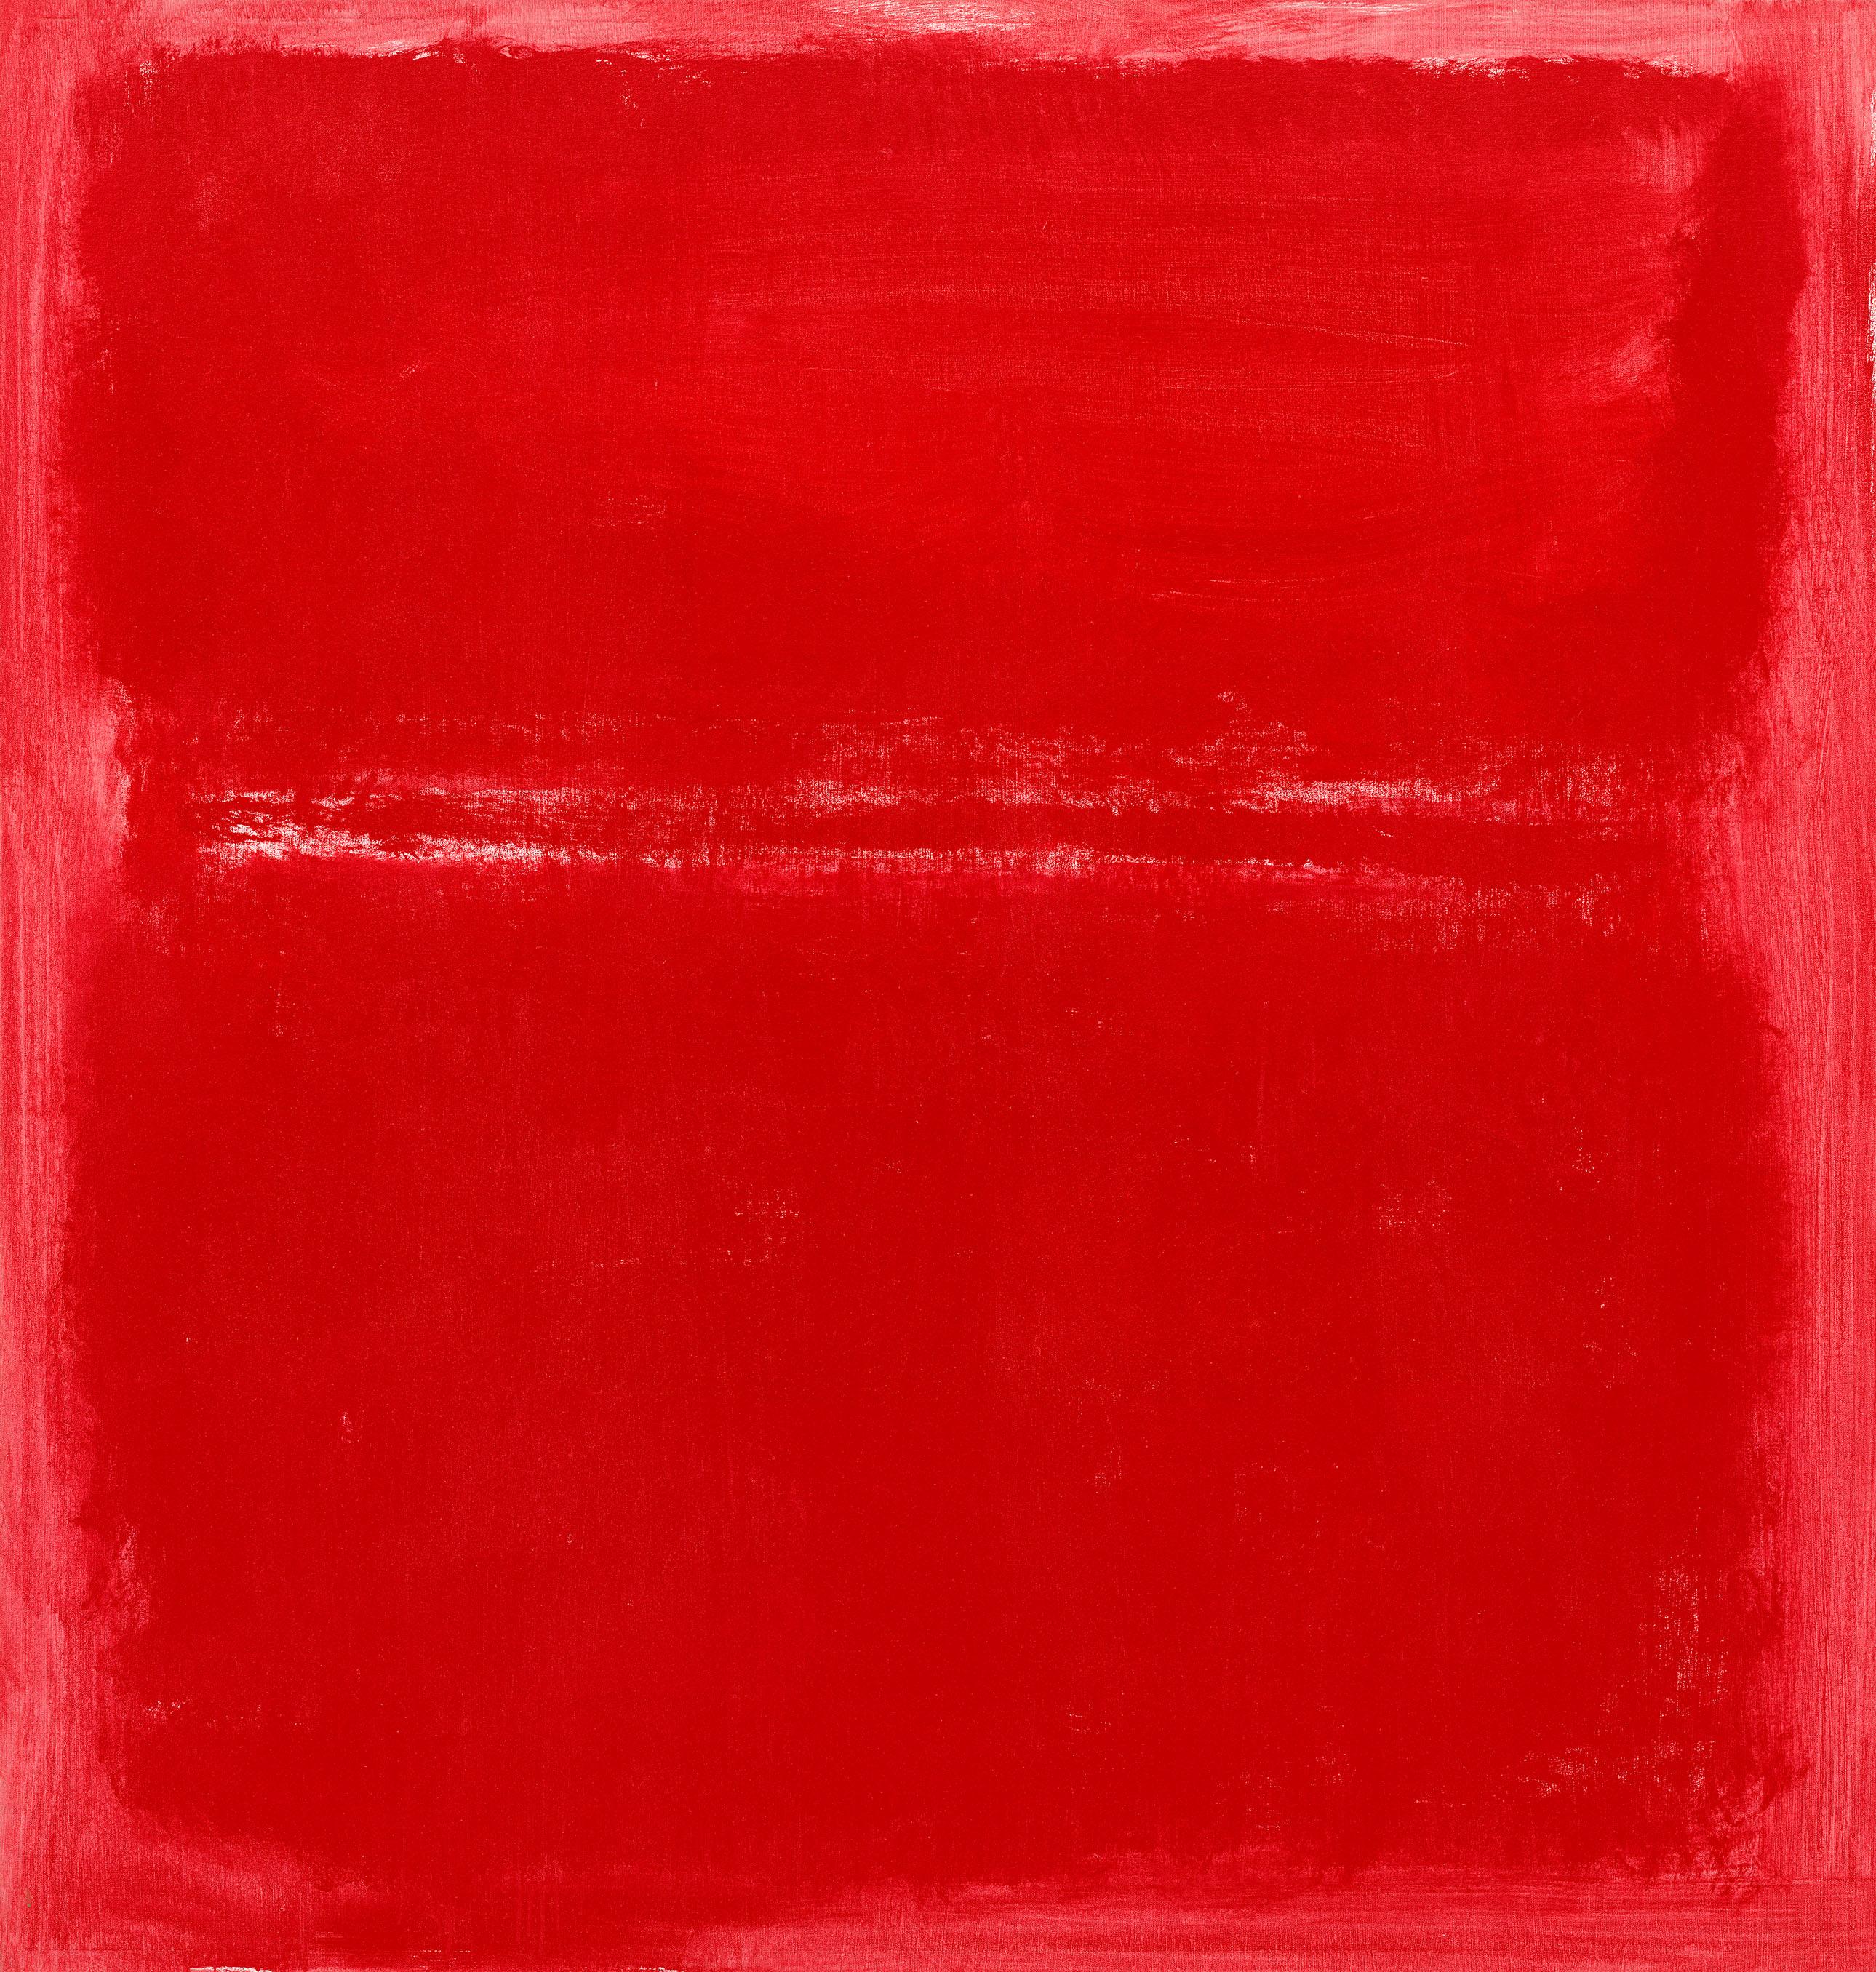 17b_-_mark_rothko_untitled_1970_acryllic_on_canvas